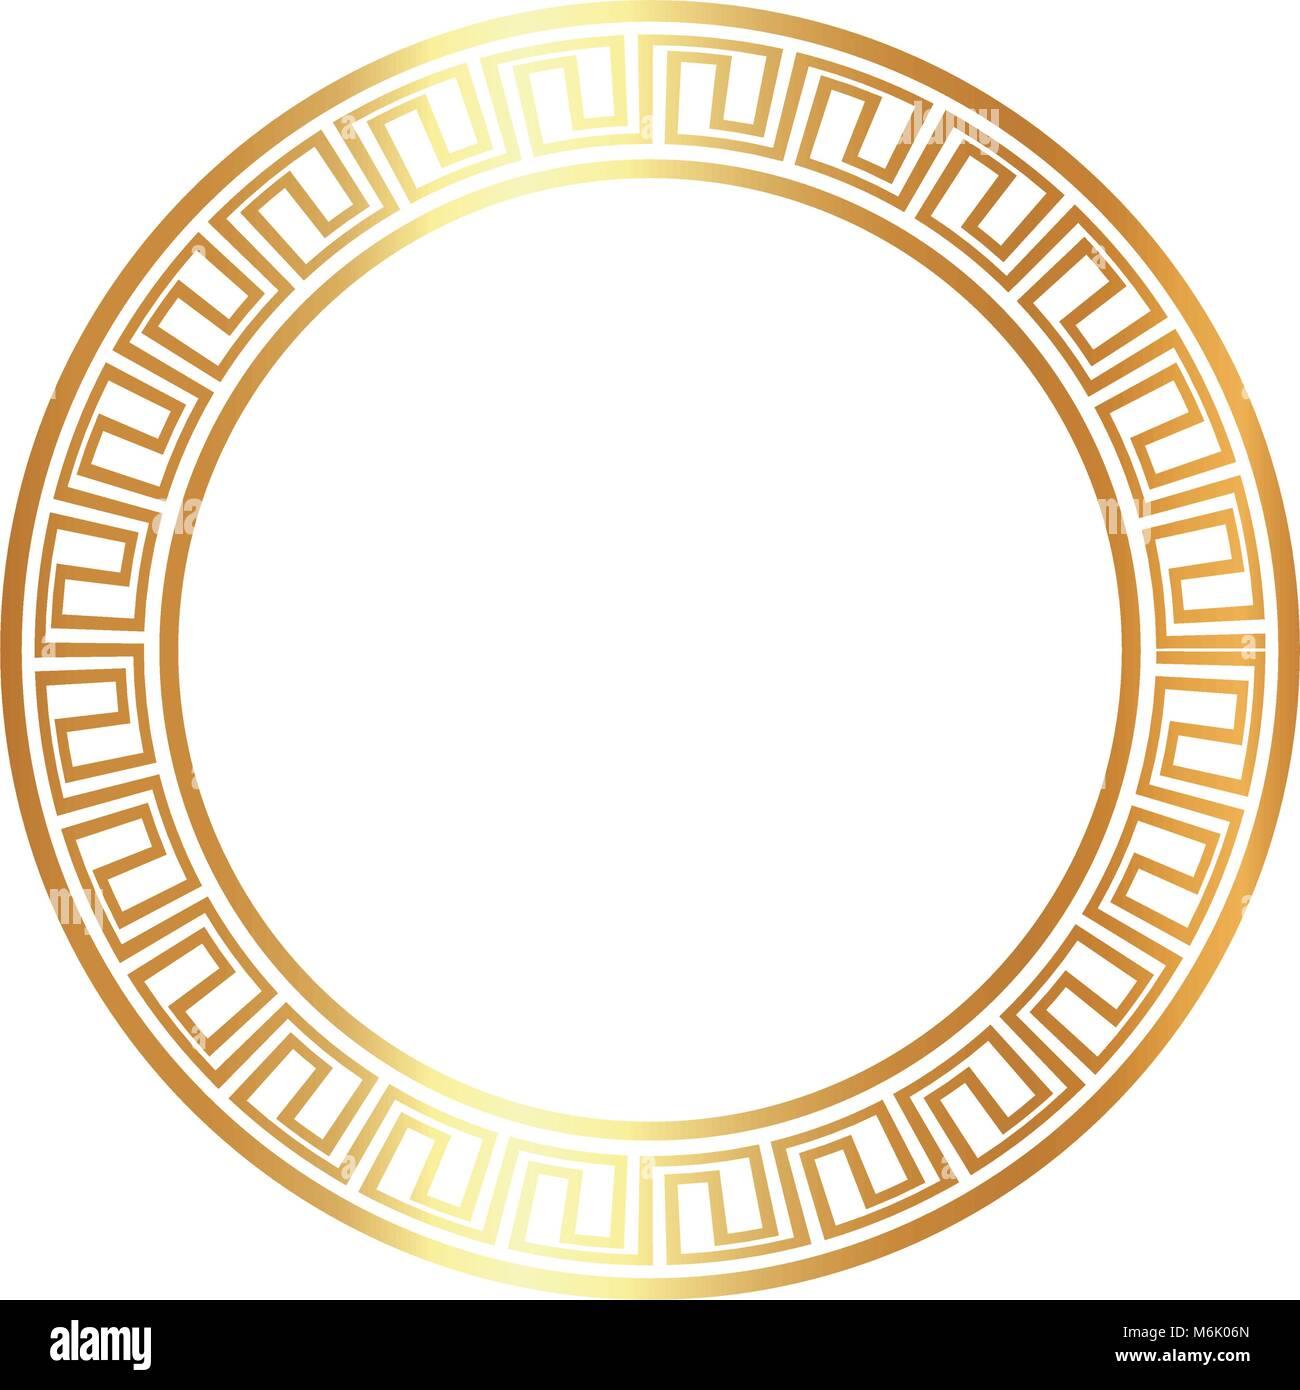 Gold Round Frame Stockfotos & Gold Round Frame Bilder - Alamy